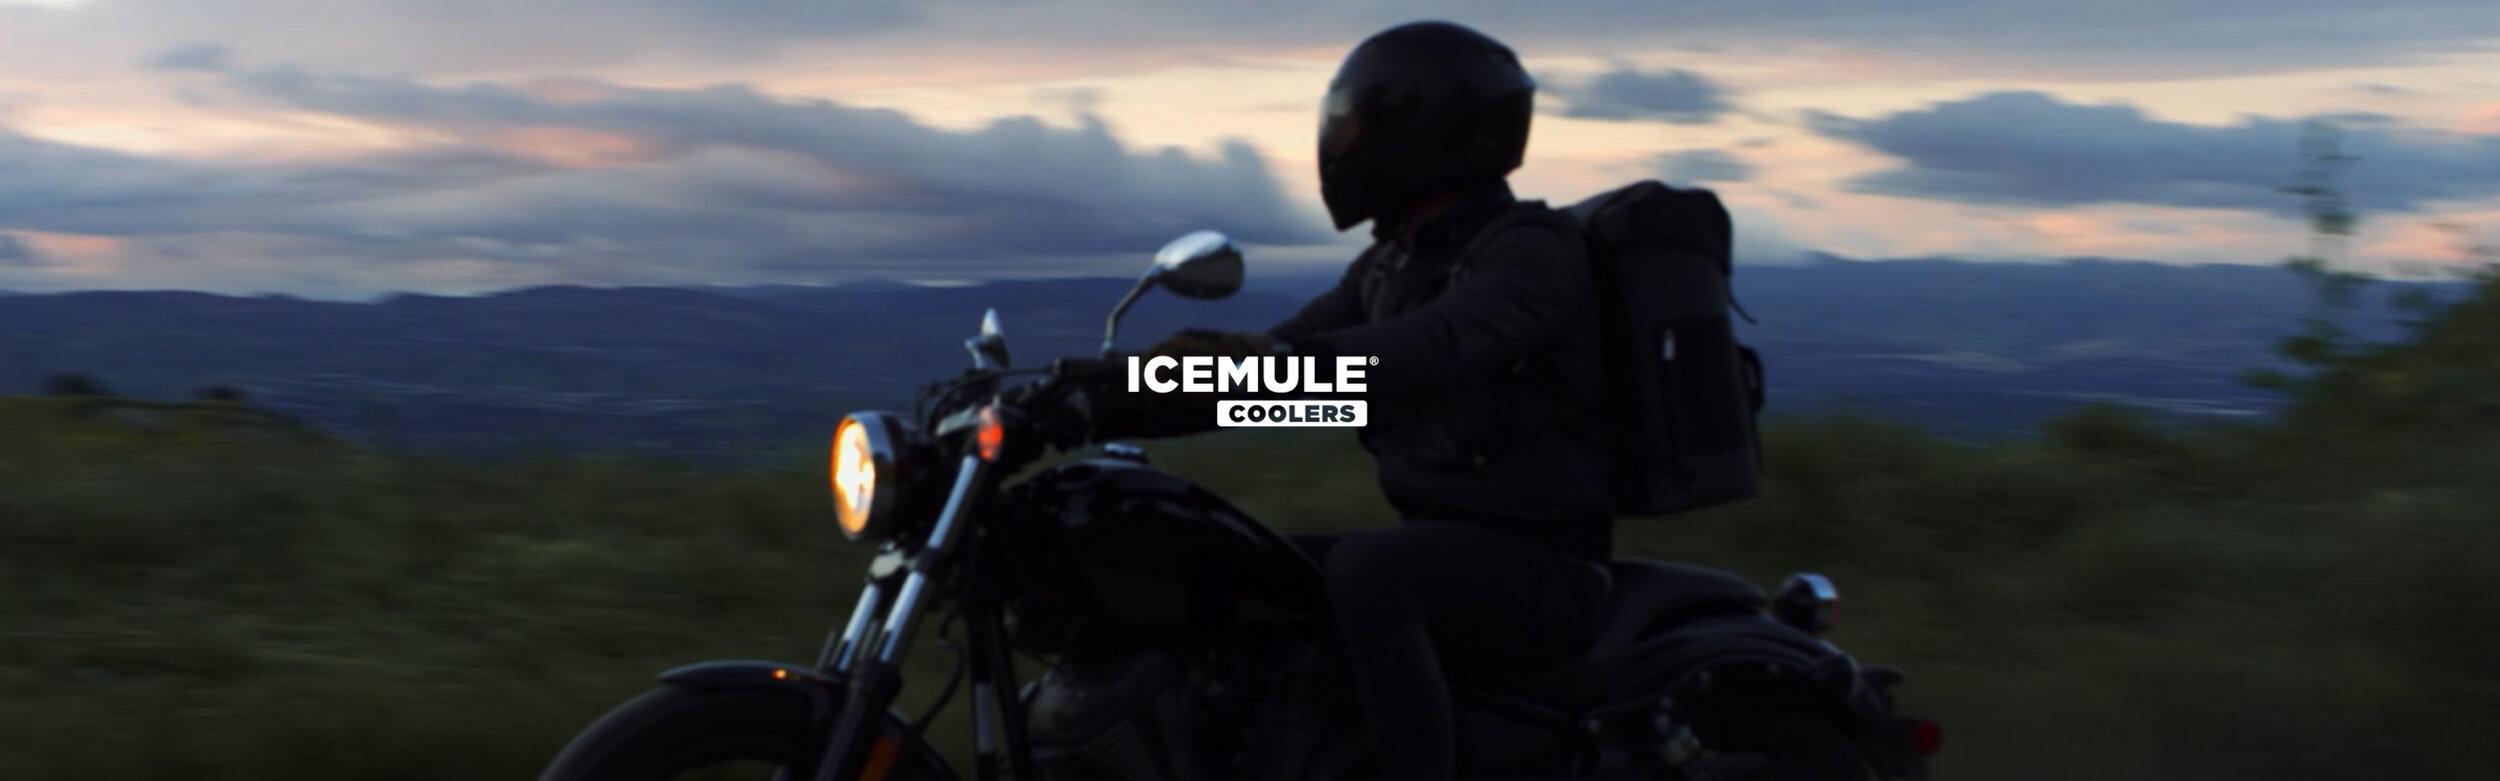 ice mule poster_00000.jpg